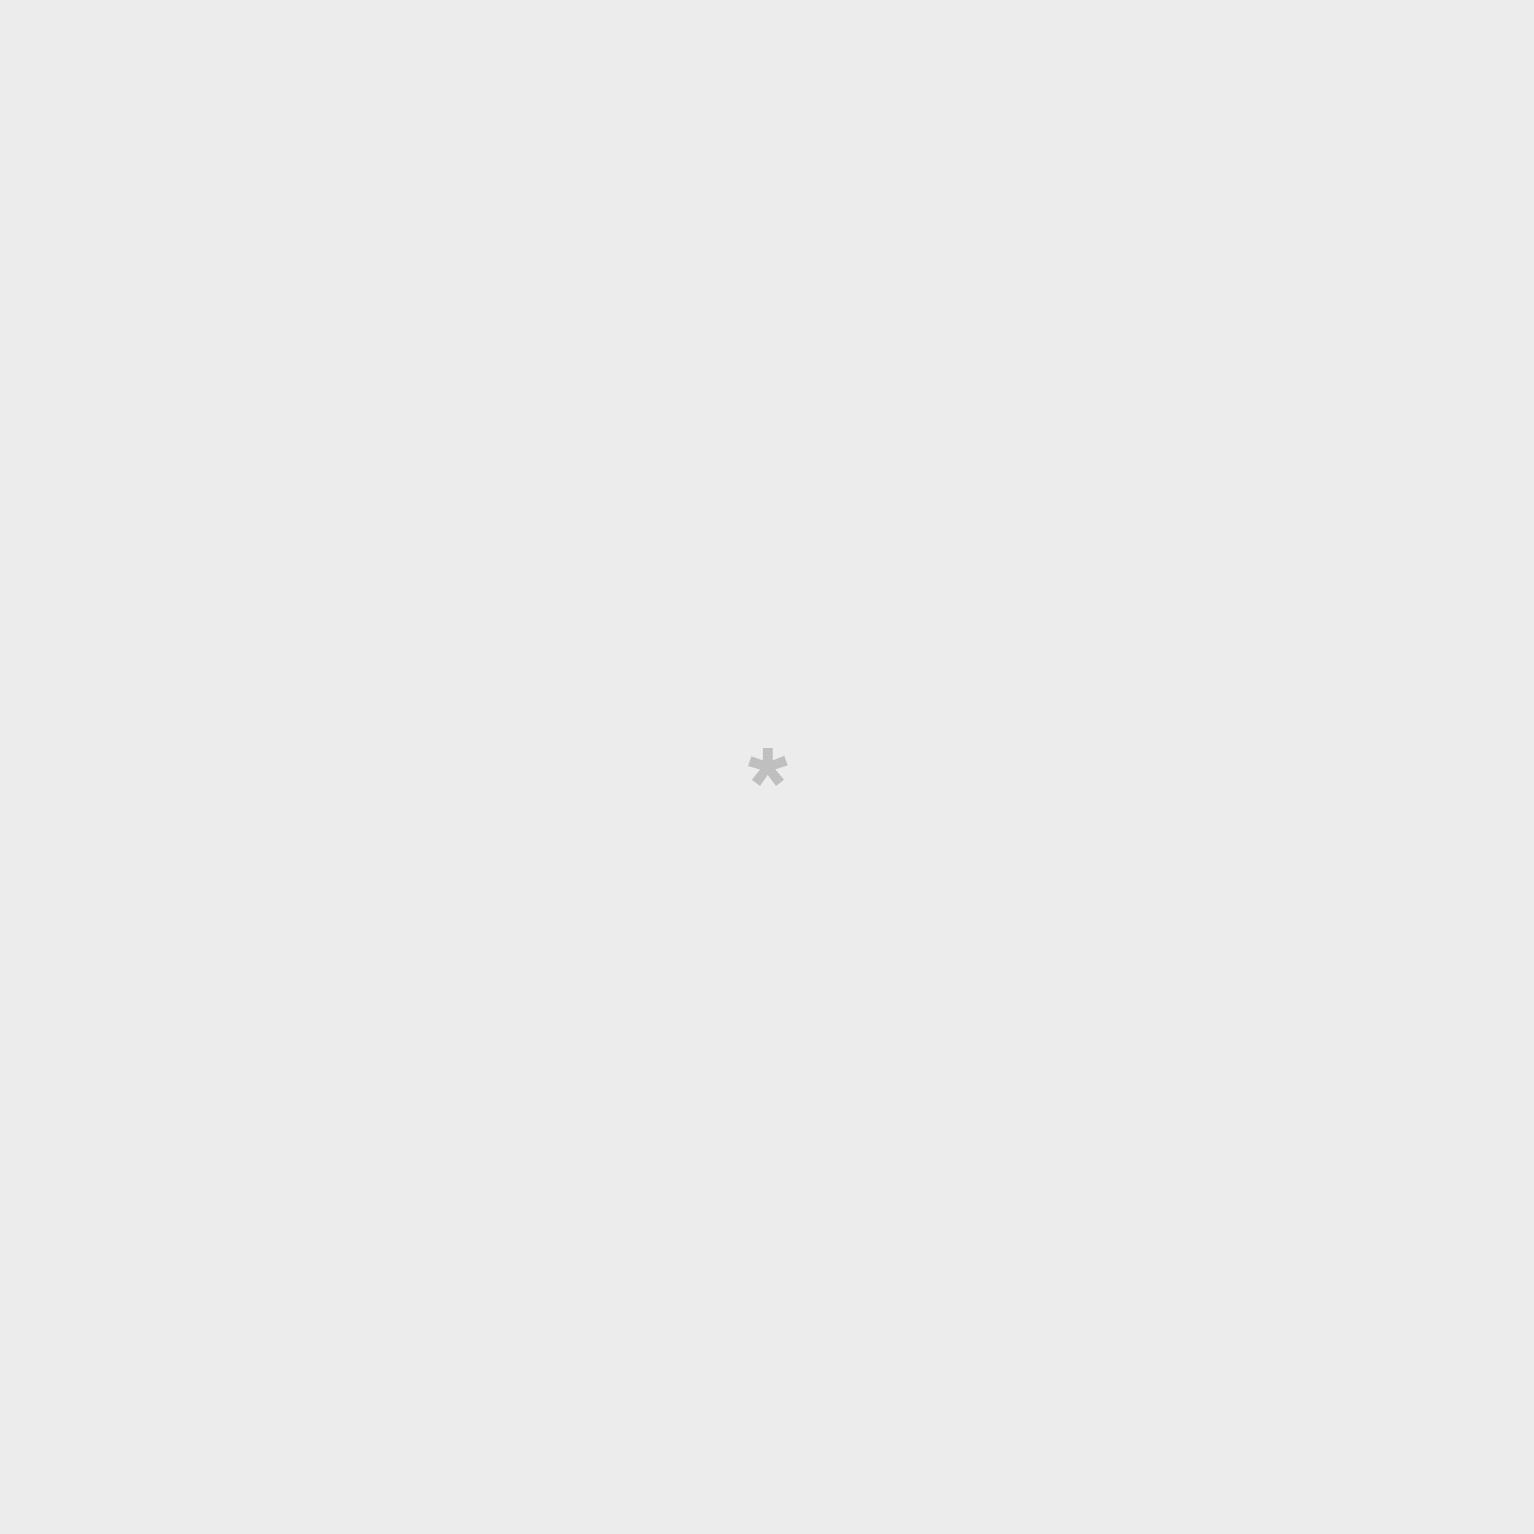 Set de 3 stylos - Plein de super idées